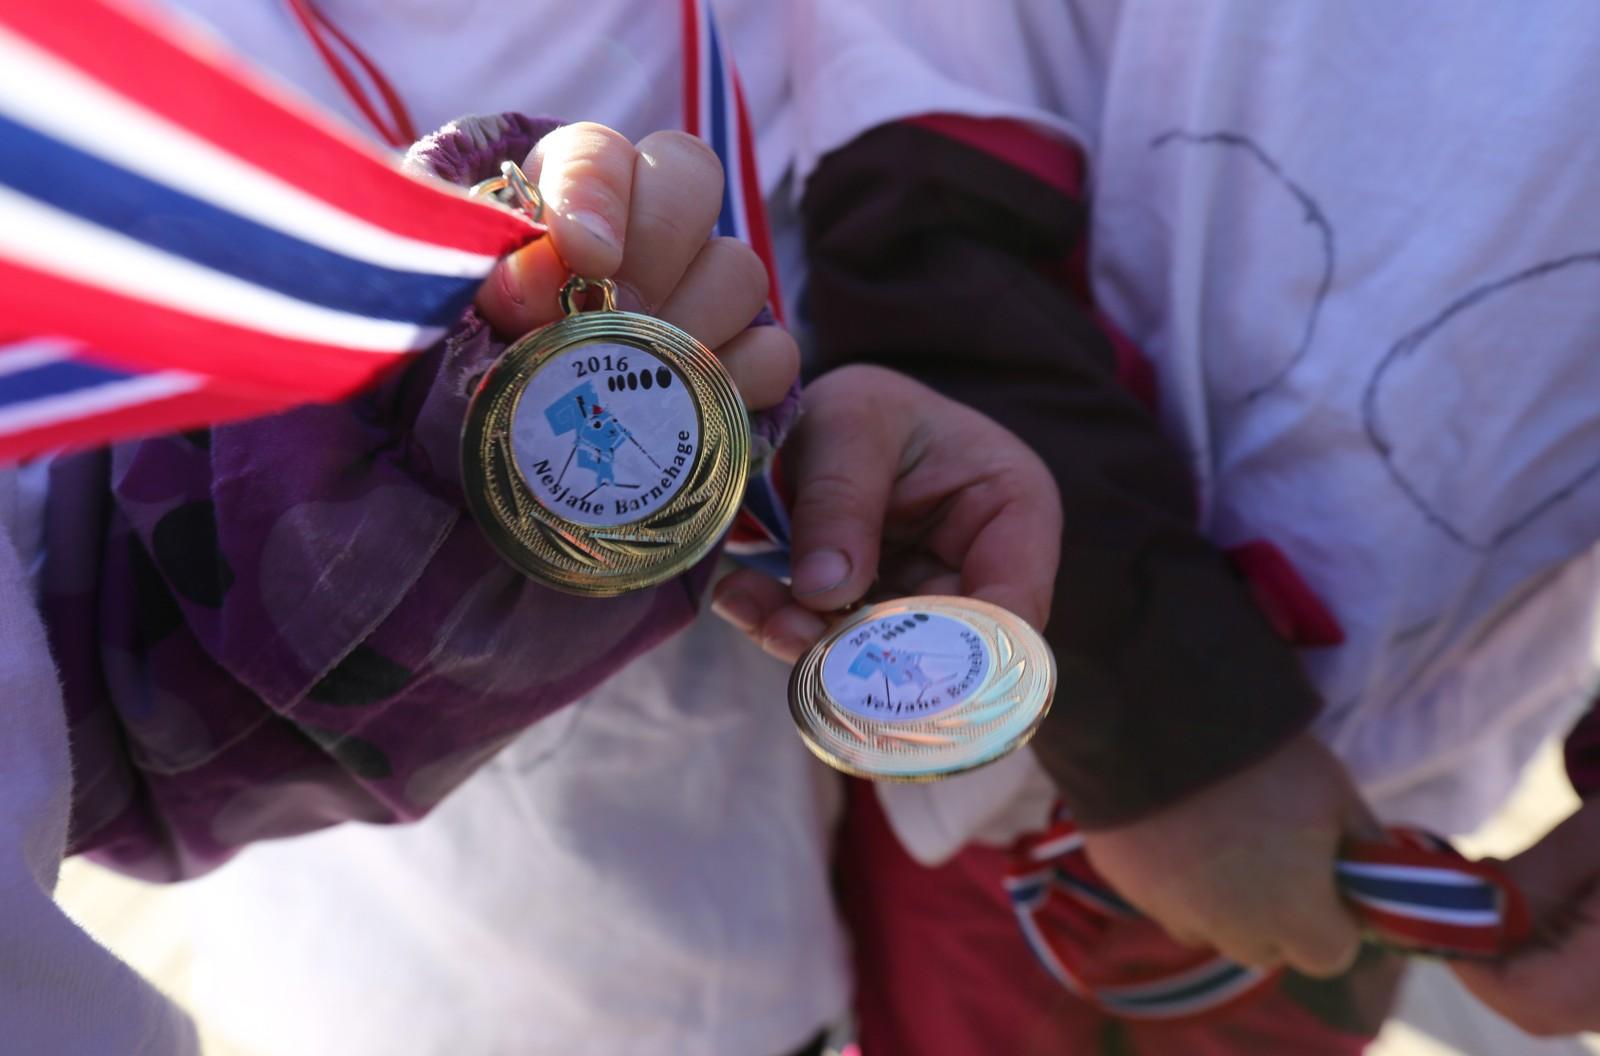 Alle fikk gullmedalje.